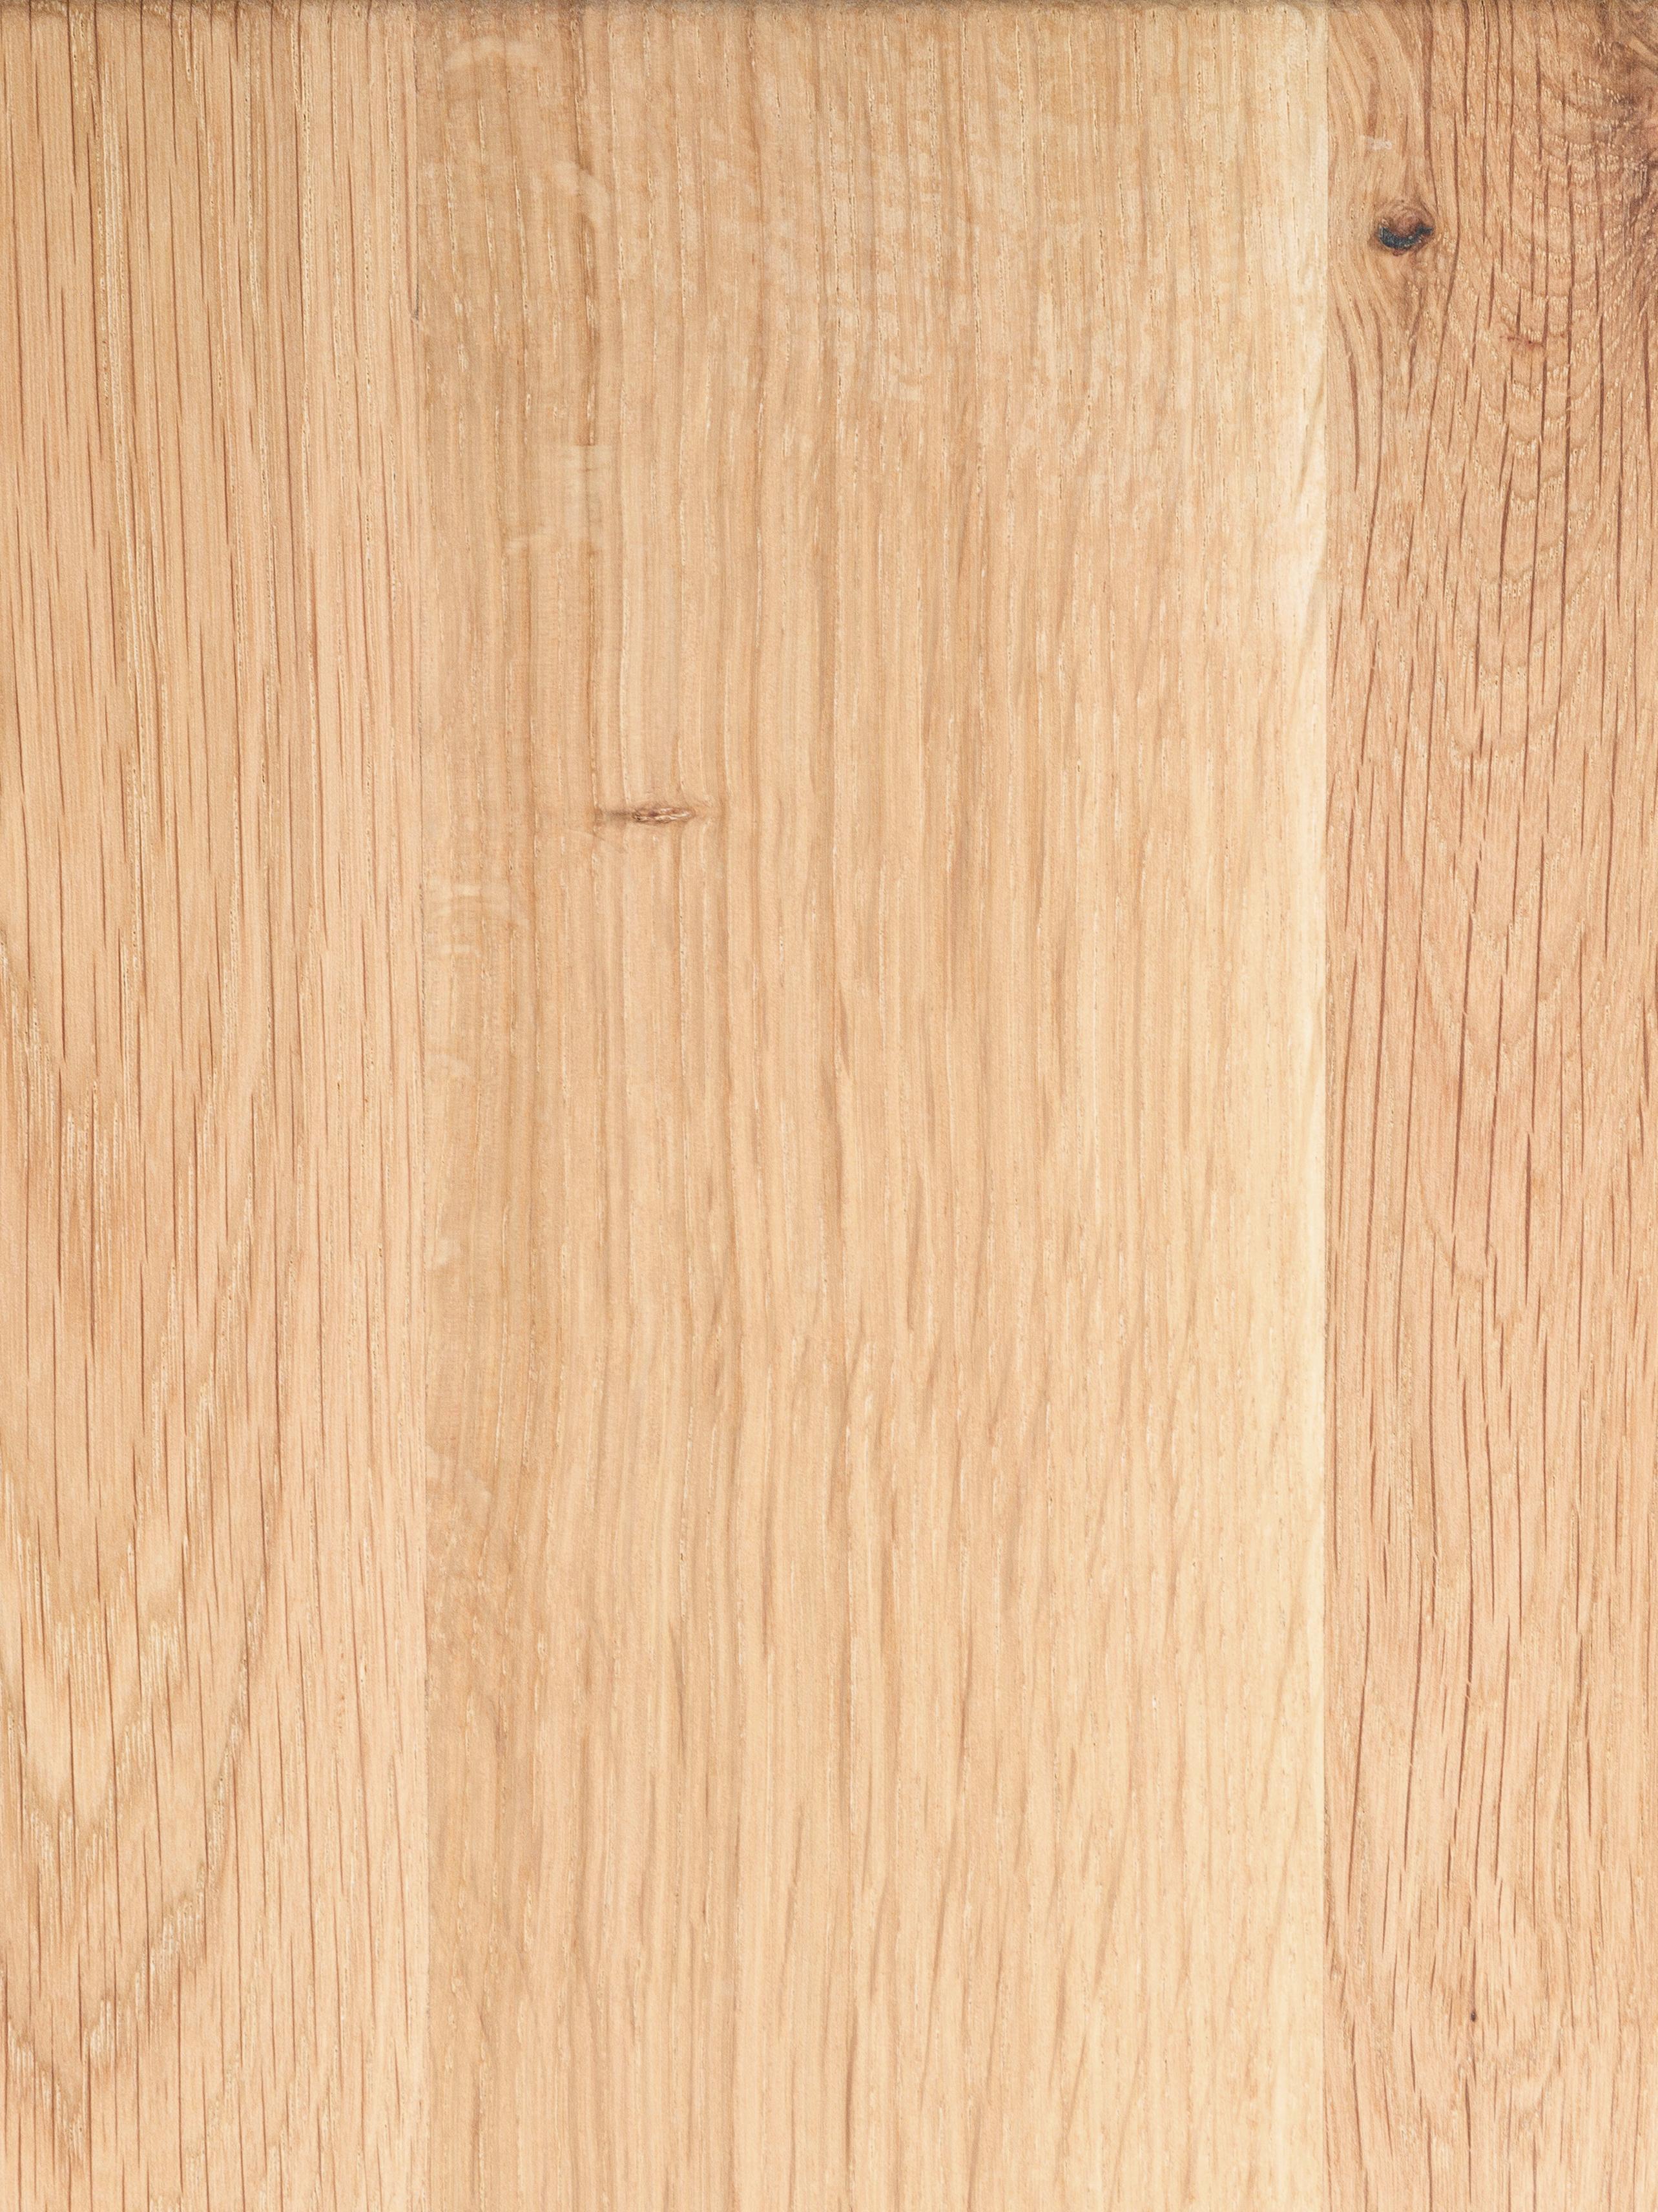 Sitzbank Oliver aus Eichenholz, Sitzfläche: Europäische Wildeiche, ma, Beine: Matt lackierter Stahl, Sitzfläche: WildeicheBeine: Weiss, 180 x 45 cm